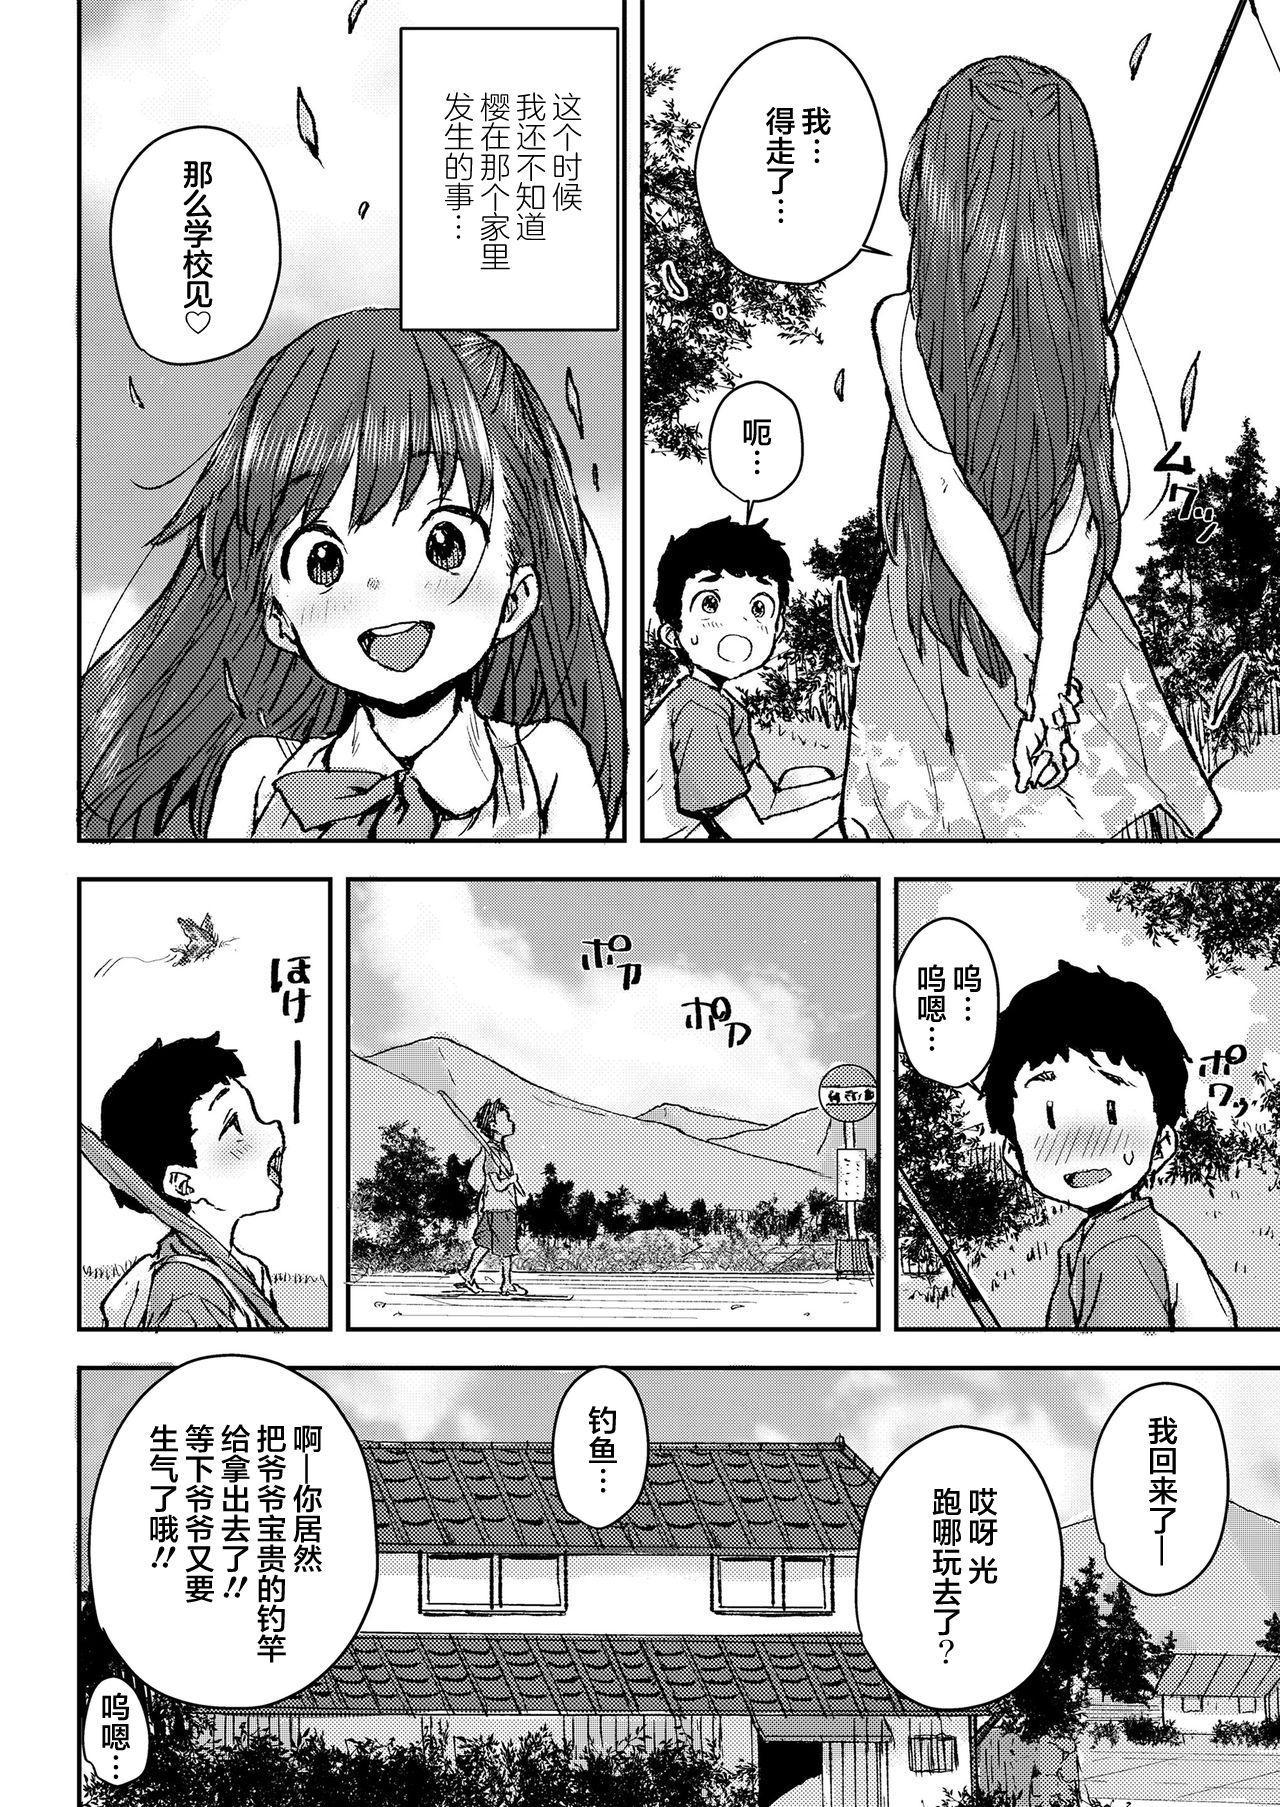 [Ponsuke] Sakura Ame[Chinese]【不可视汉化】 6